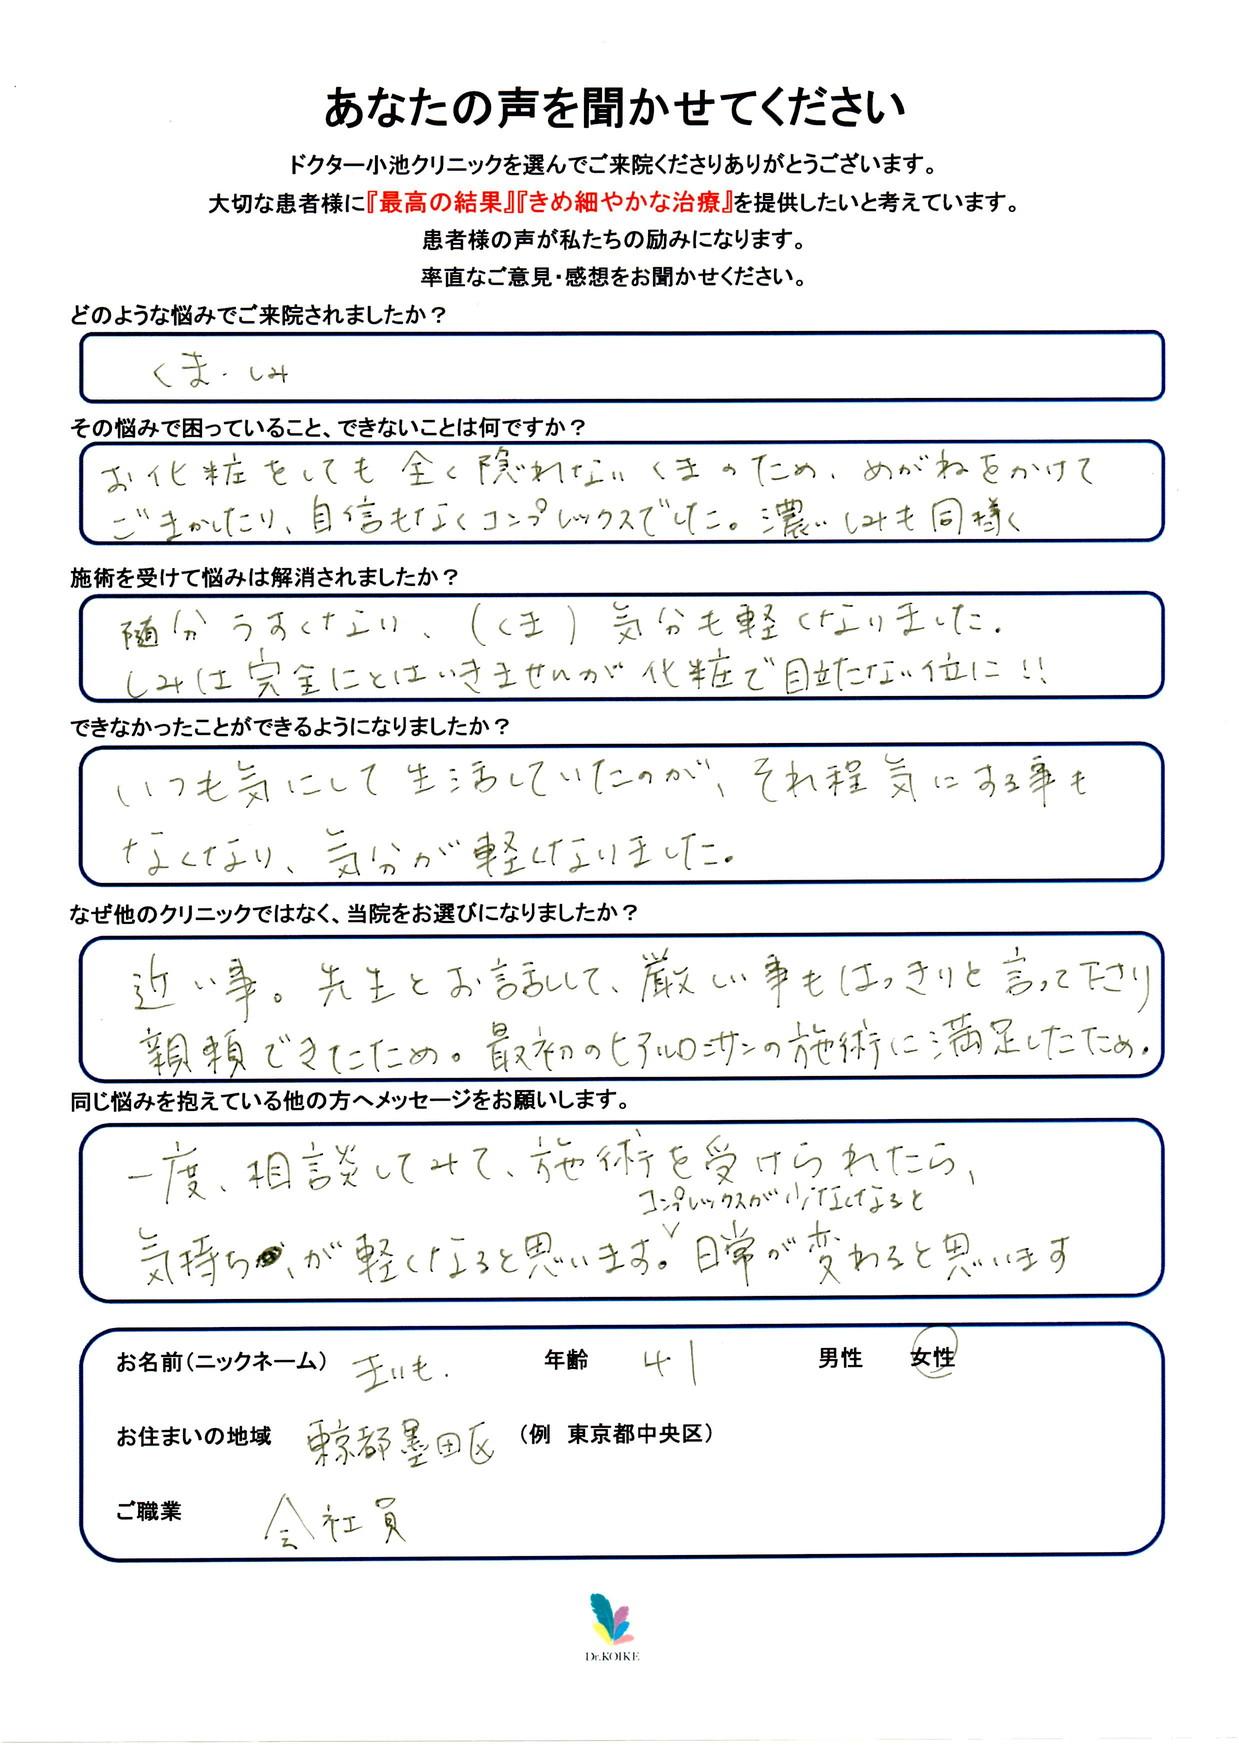 580. シミ・肝斑・目元・クマ